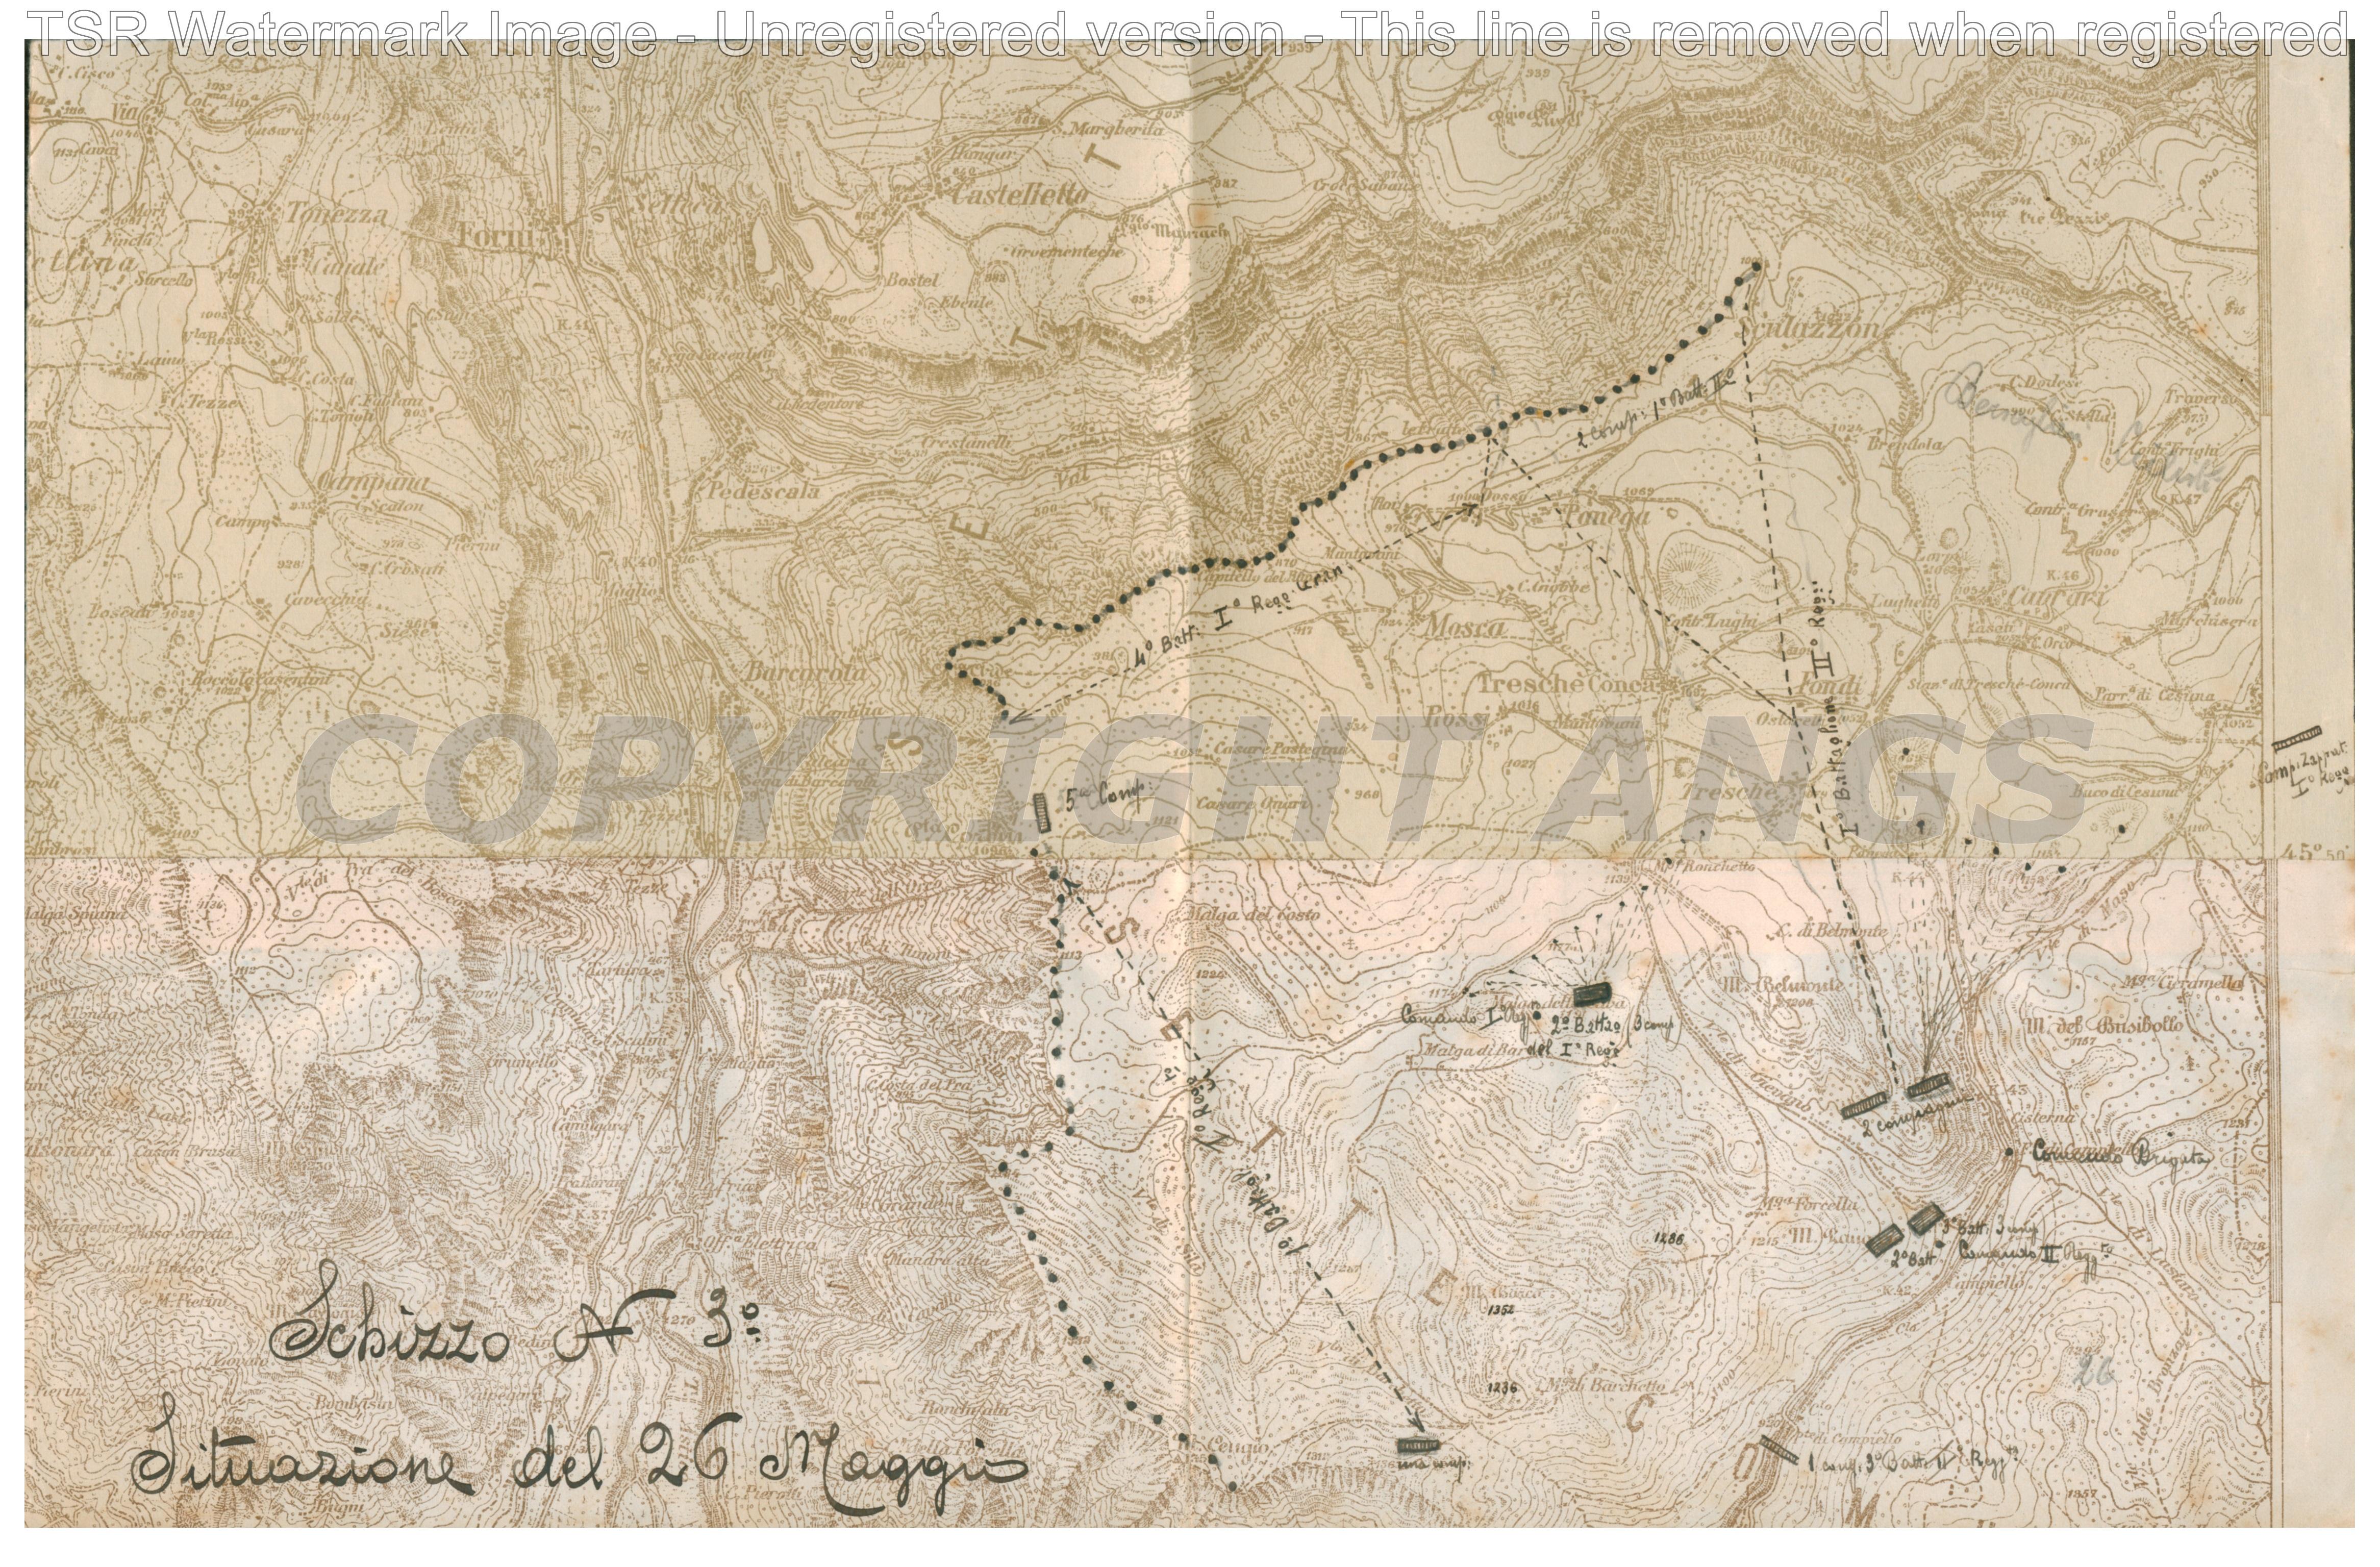 Schizzo n.3 Situazione 26 maggio 1916